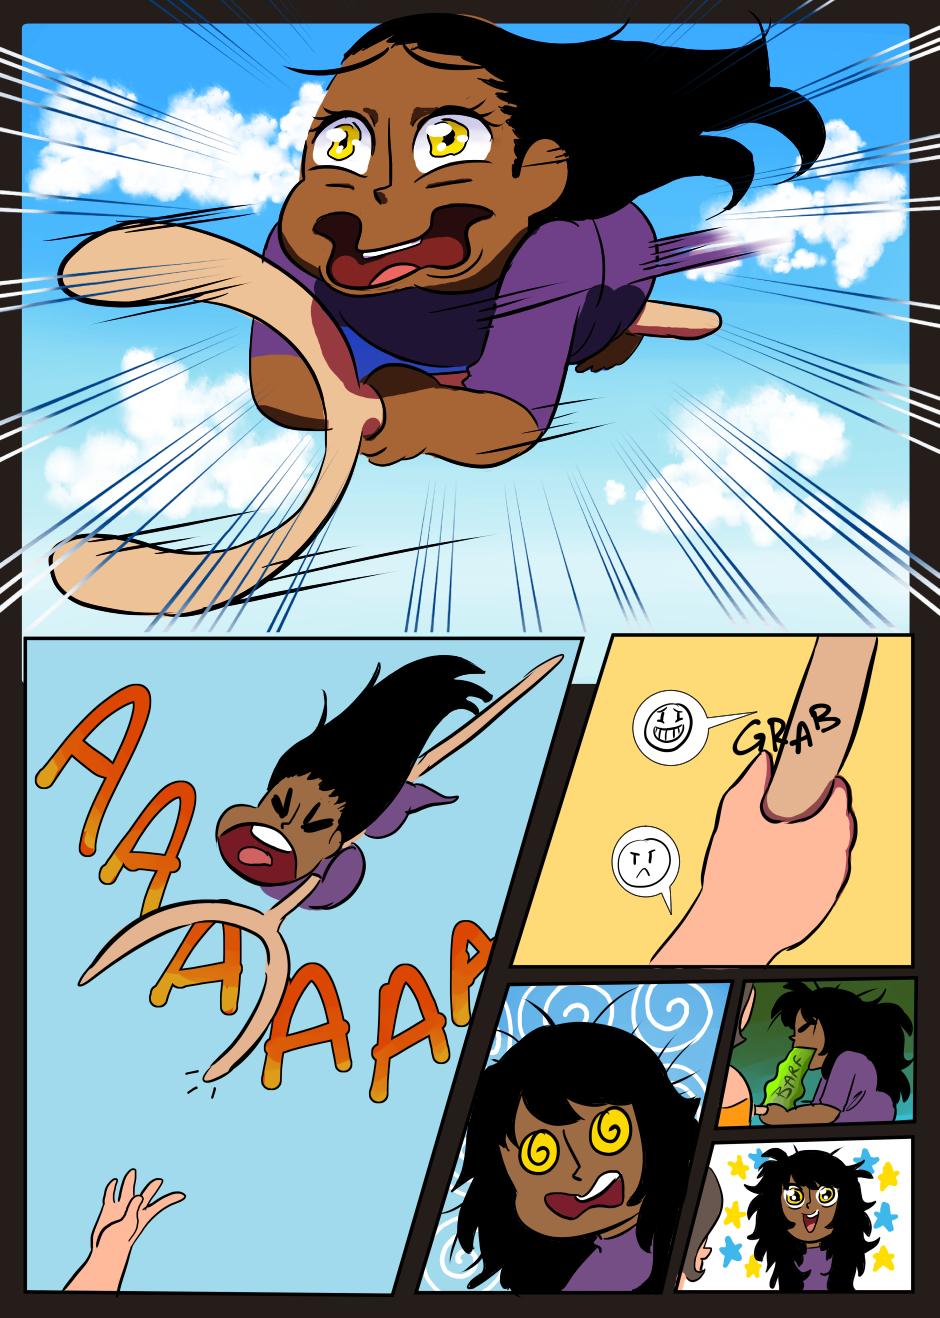 Comic6_006.jpg